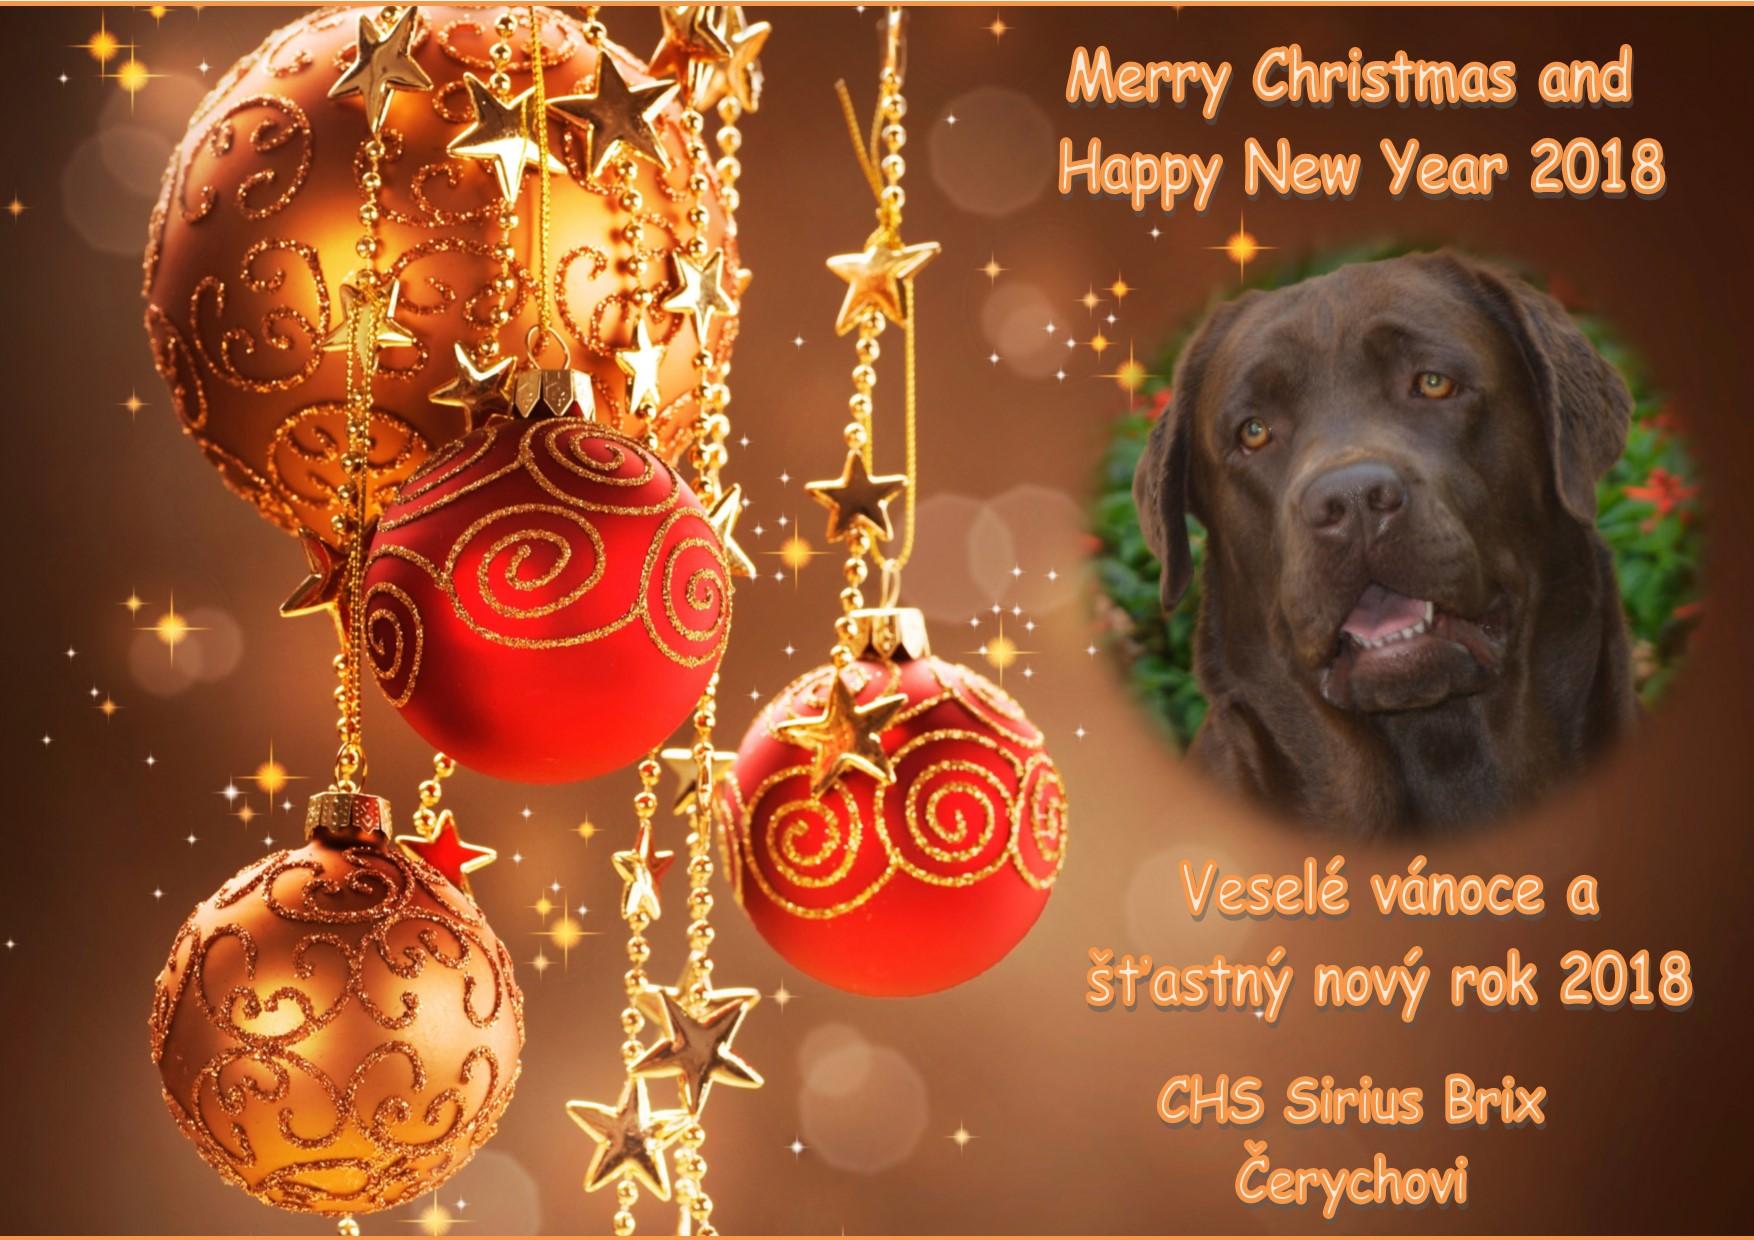 vánoční přání 2017-18